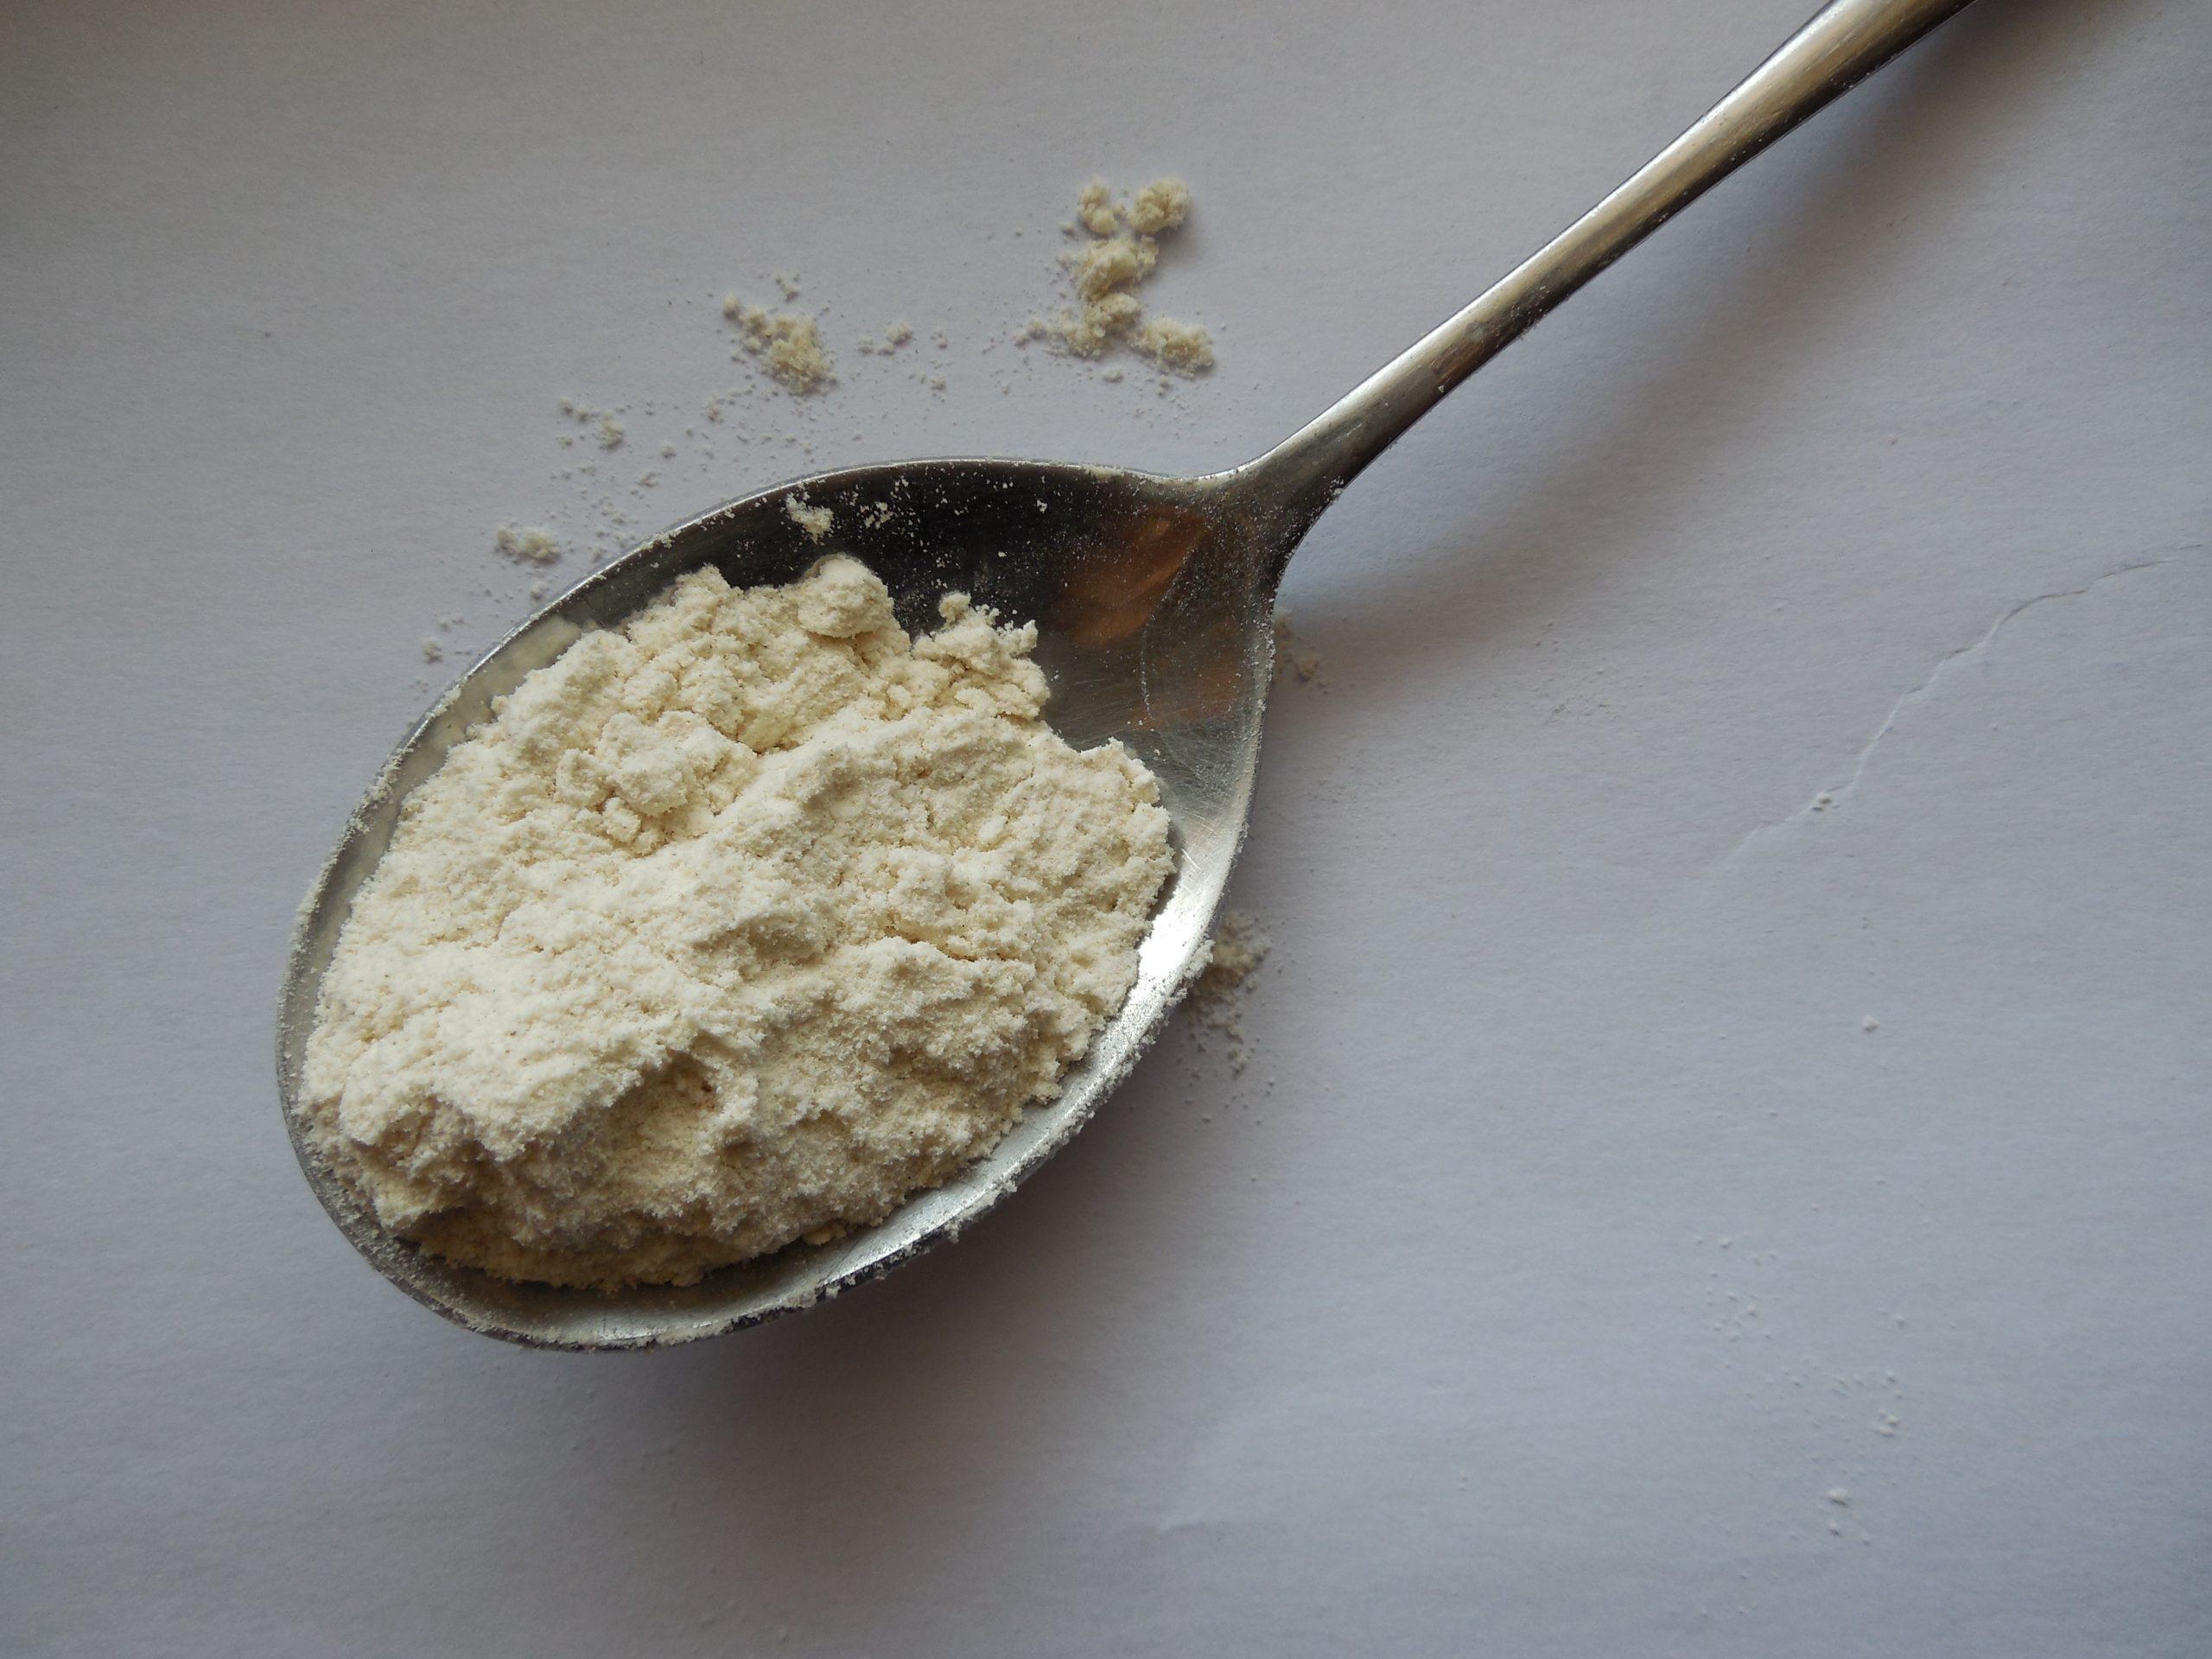 spoonful of metamucil